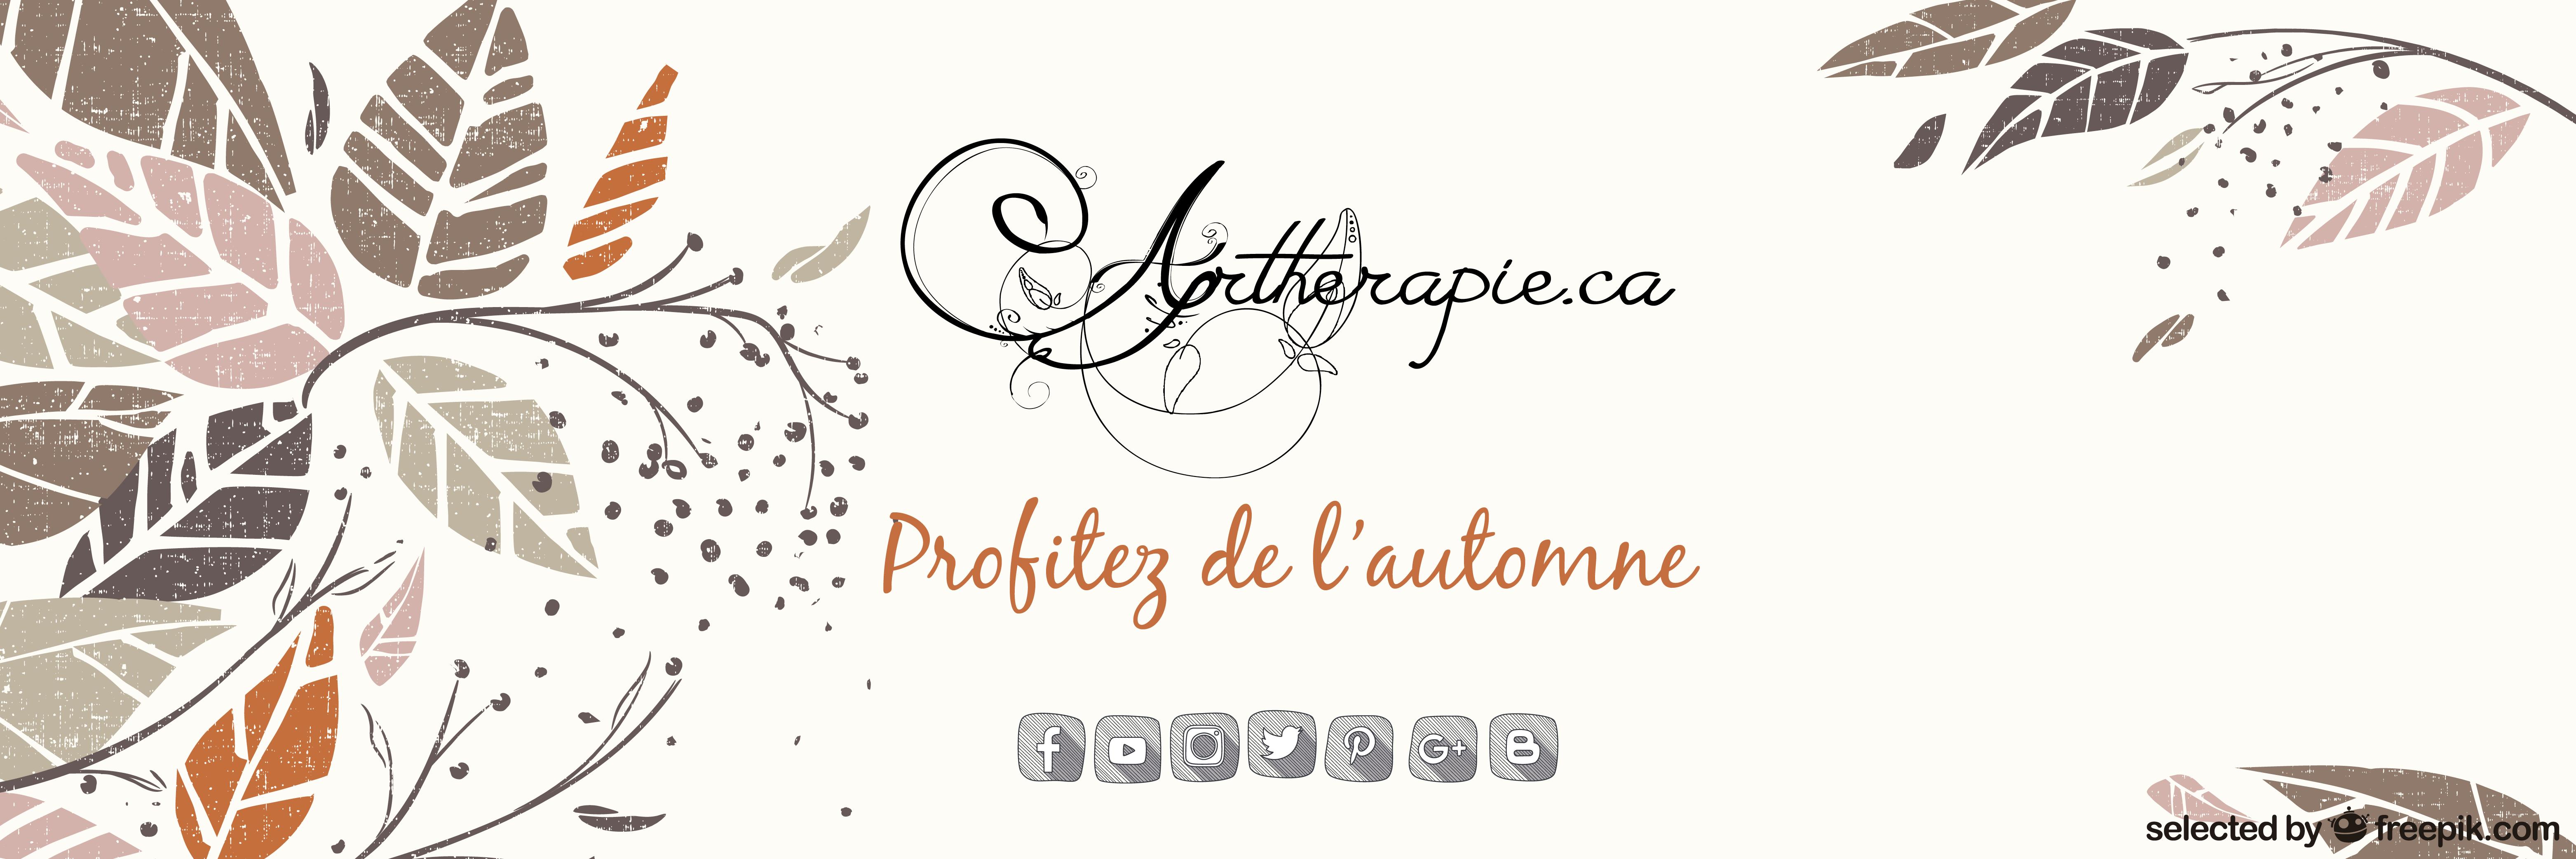 Artherapie.ca vous souhaite de profiter de l'automne